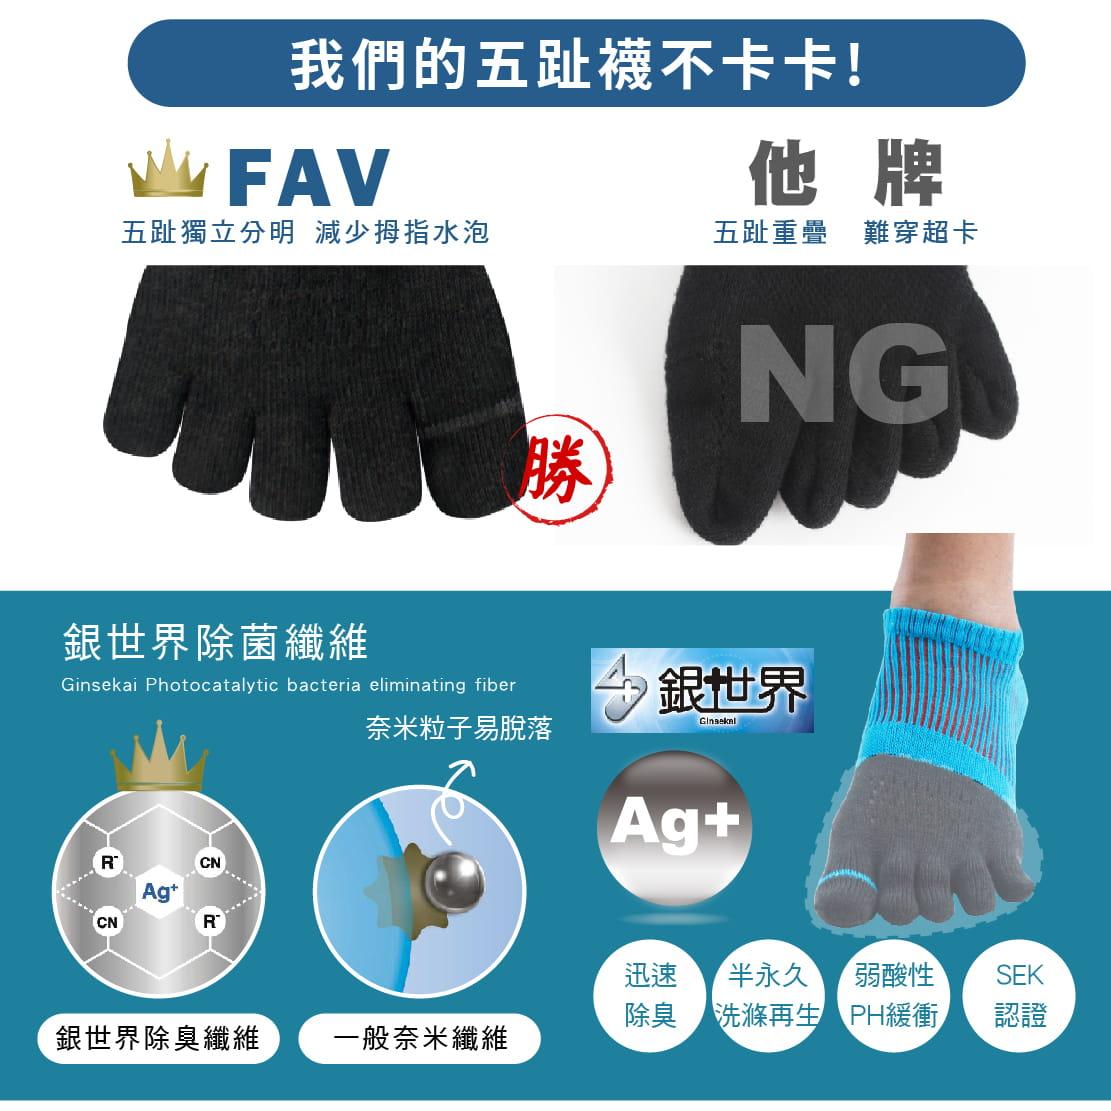 【FAV】後跟防護加壓五指運動襪-1雙入 5